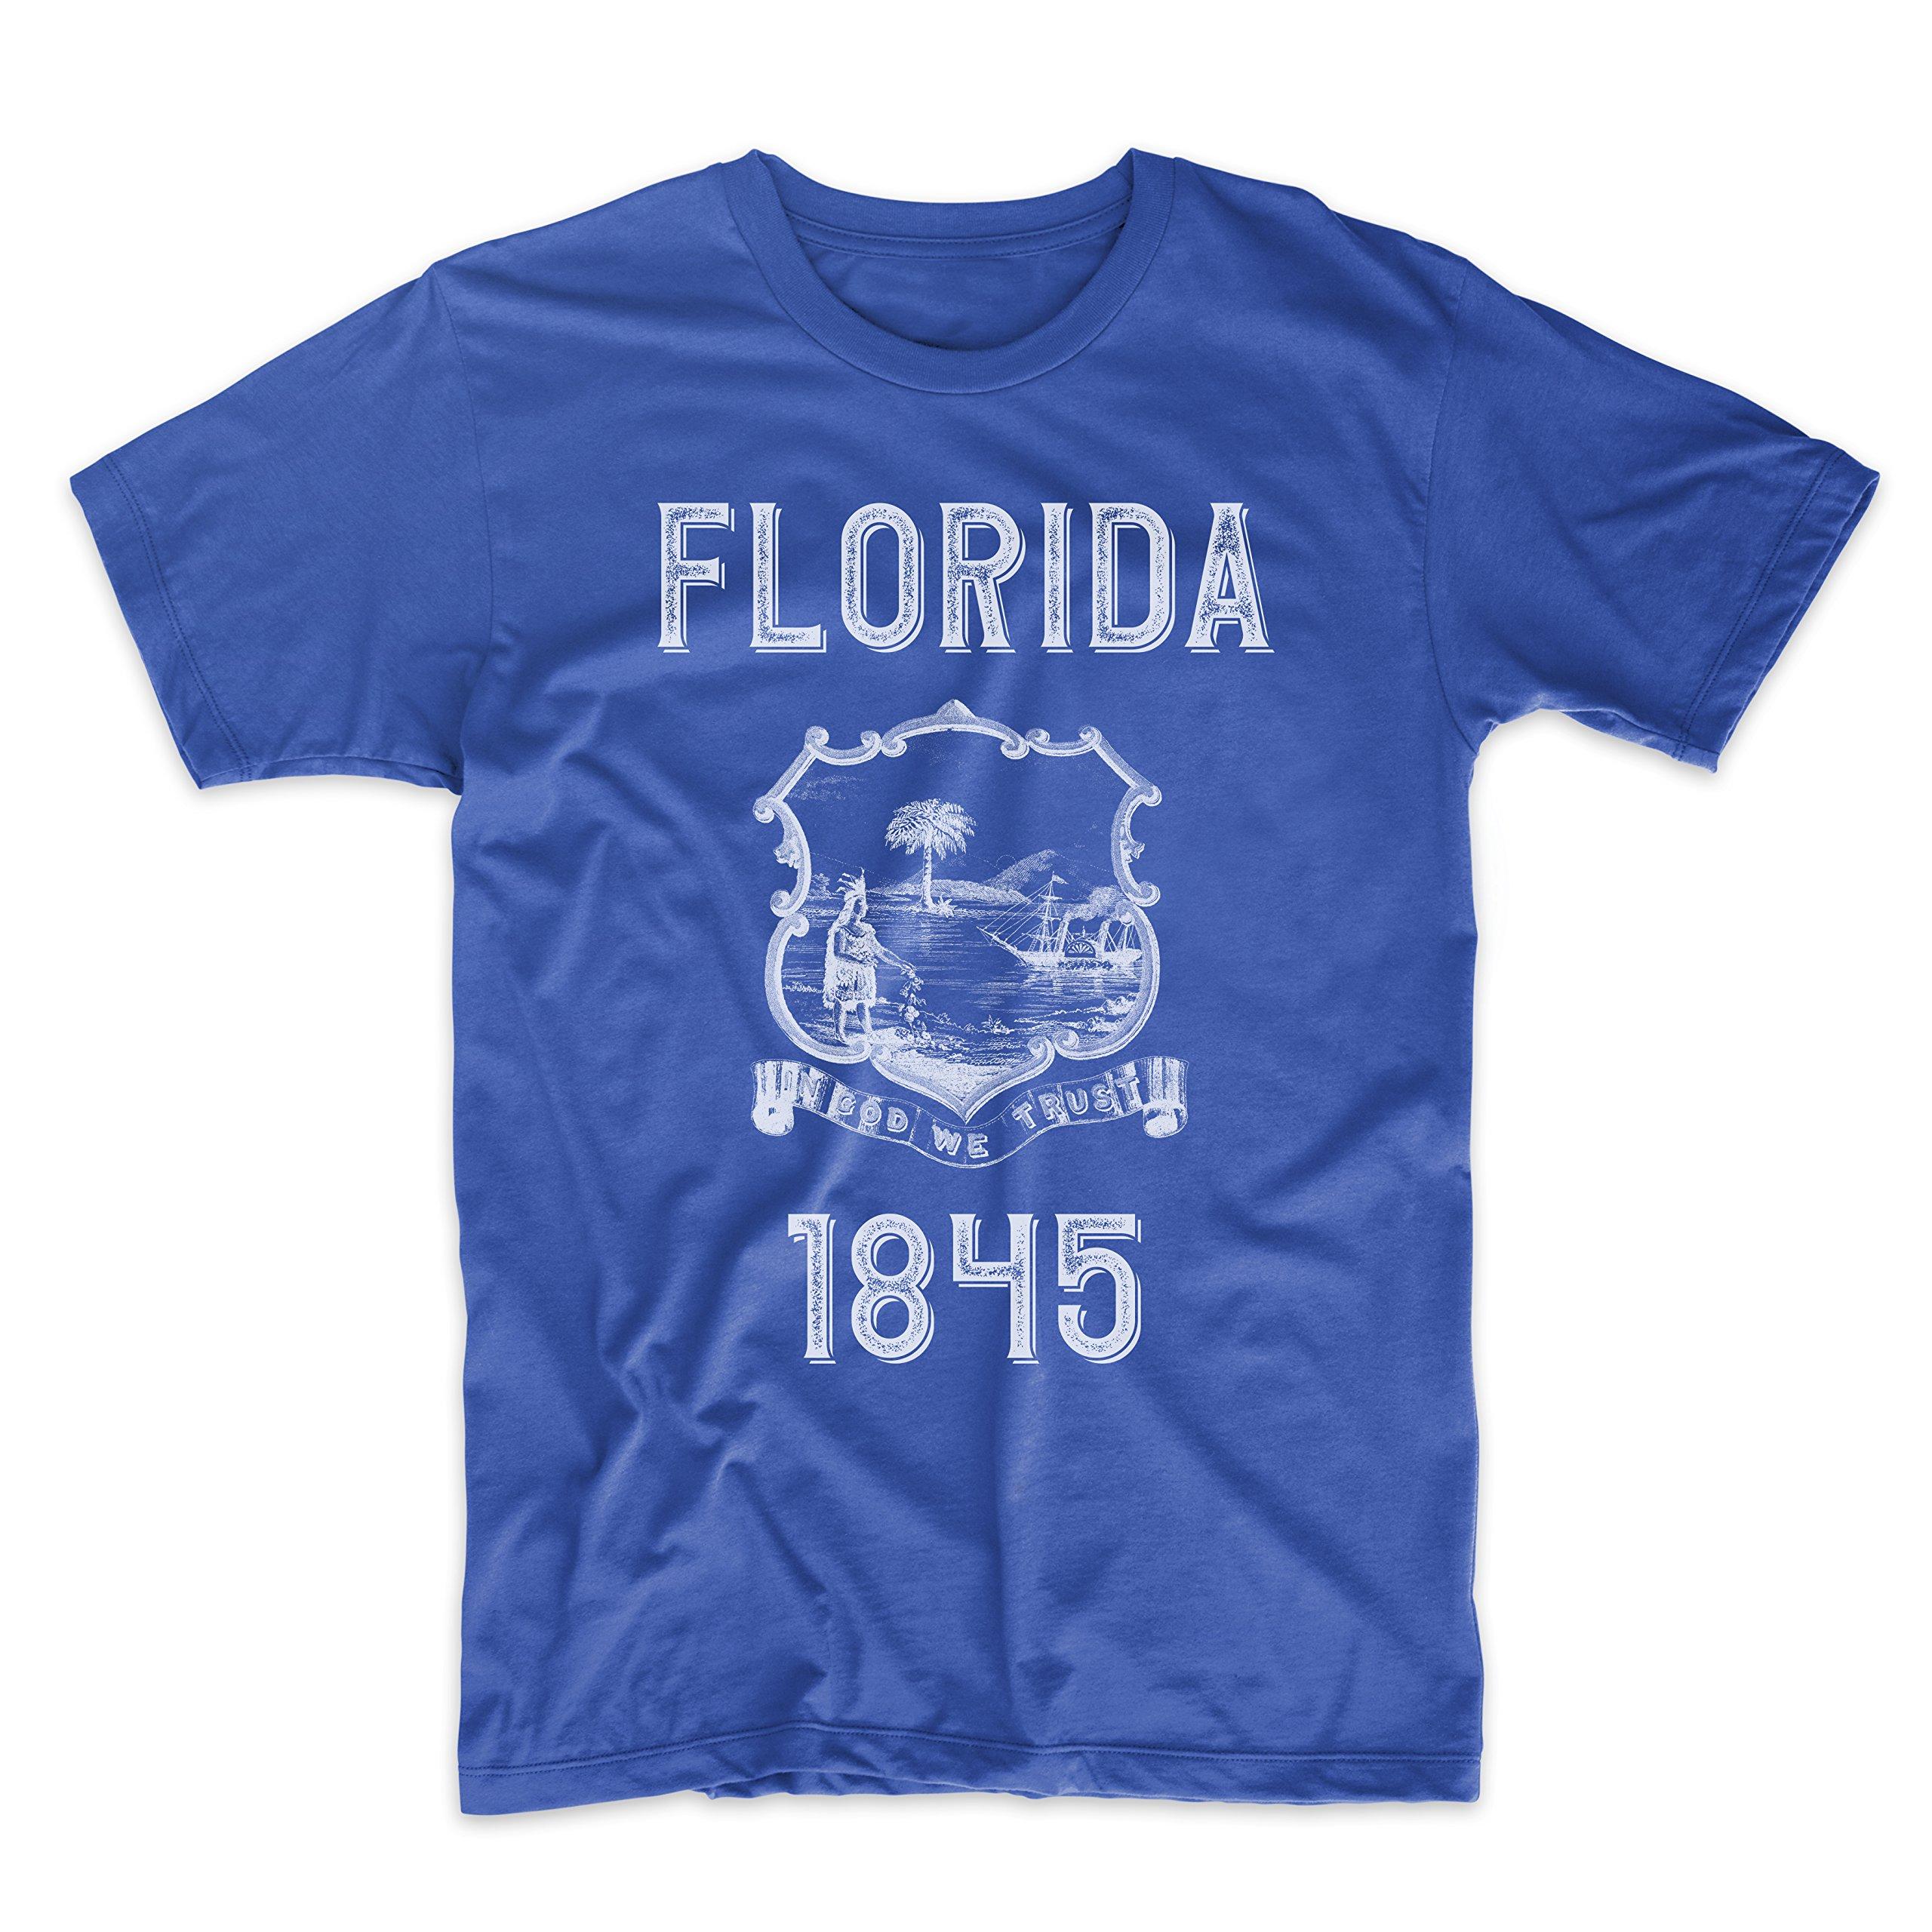 PatentPrints Florida Coat of Arms T Shirt